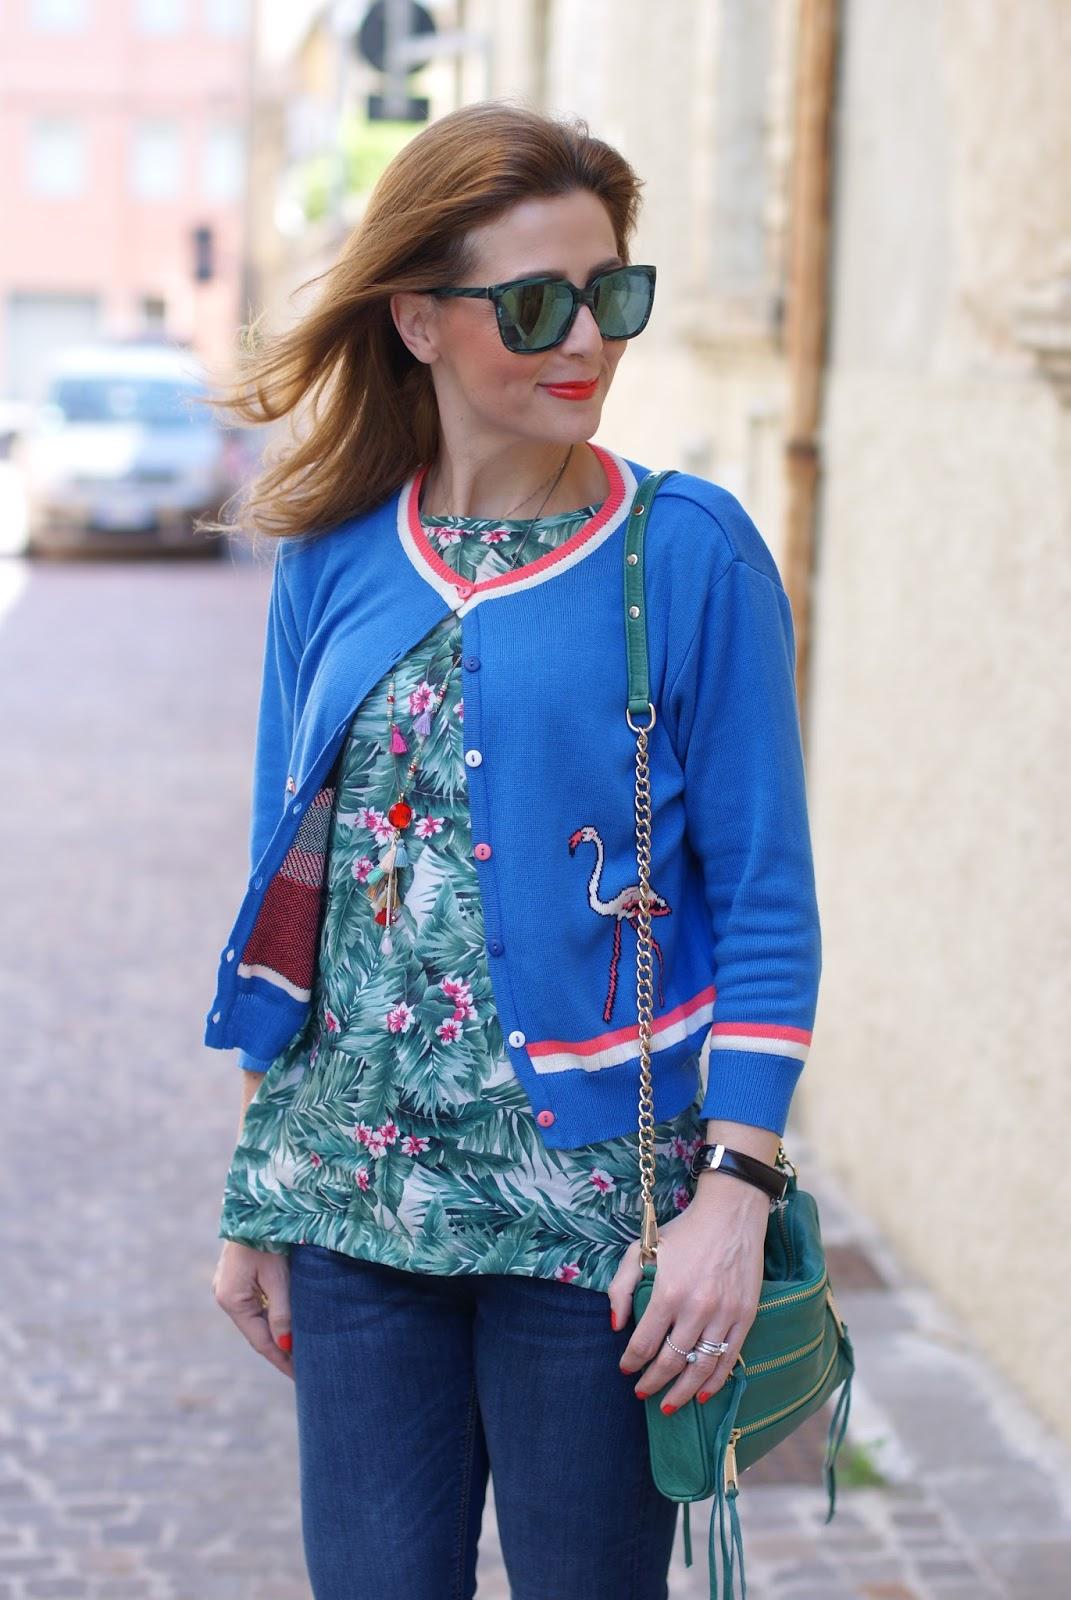 Bryony cardigan and Mismash Askani t-shirt on Fashion and Cookies fashion blog, fashion blogger style